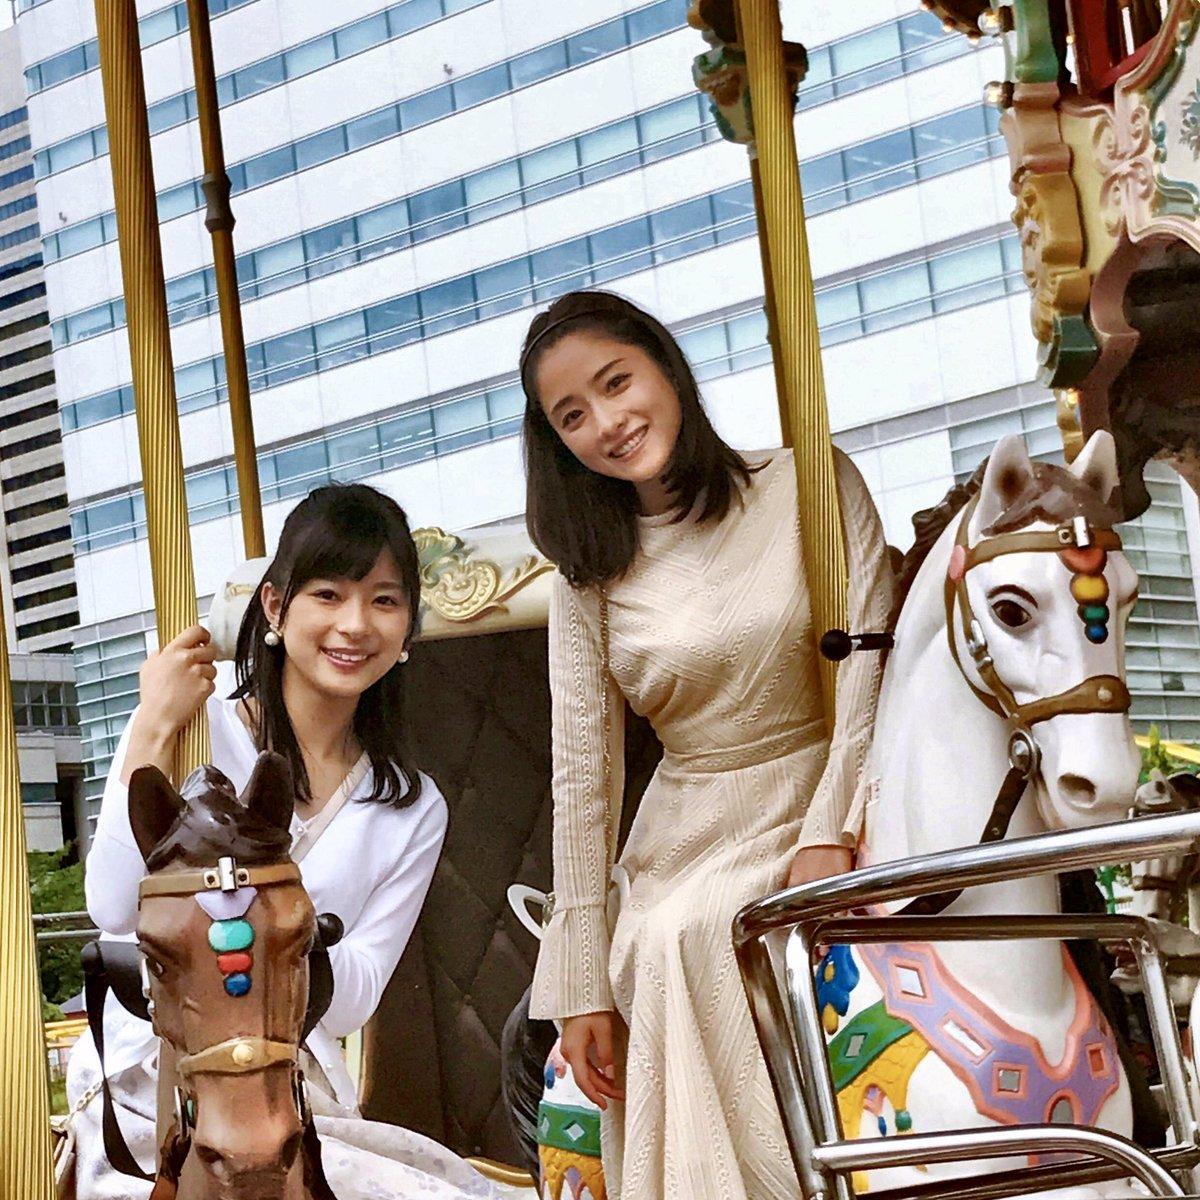 石原さとみと芳根京子が初共演!7月スタート『高嶺の花』美人姉妹!ドラマのあらすじ&キャストを詳しくまとめ